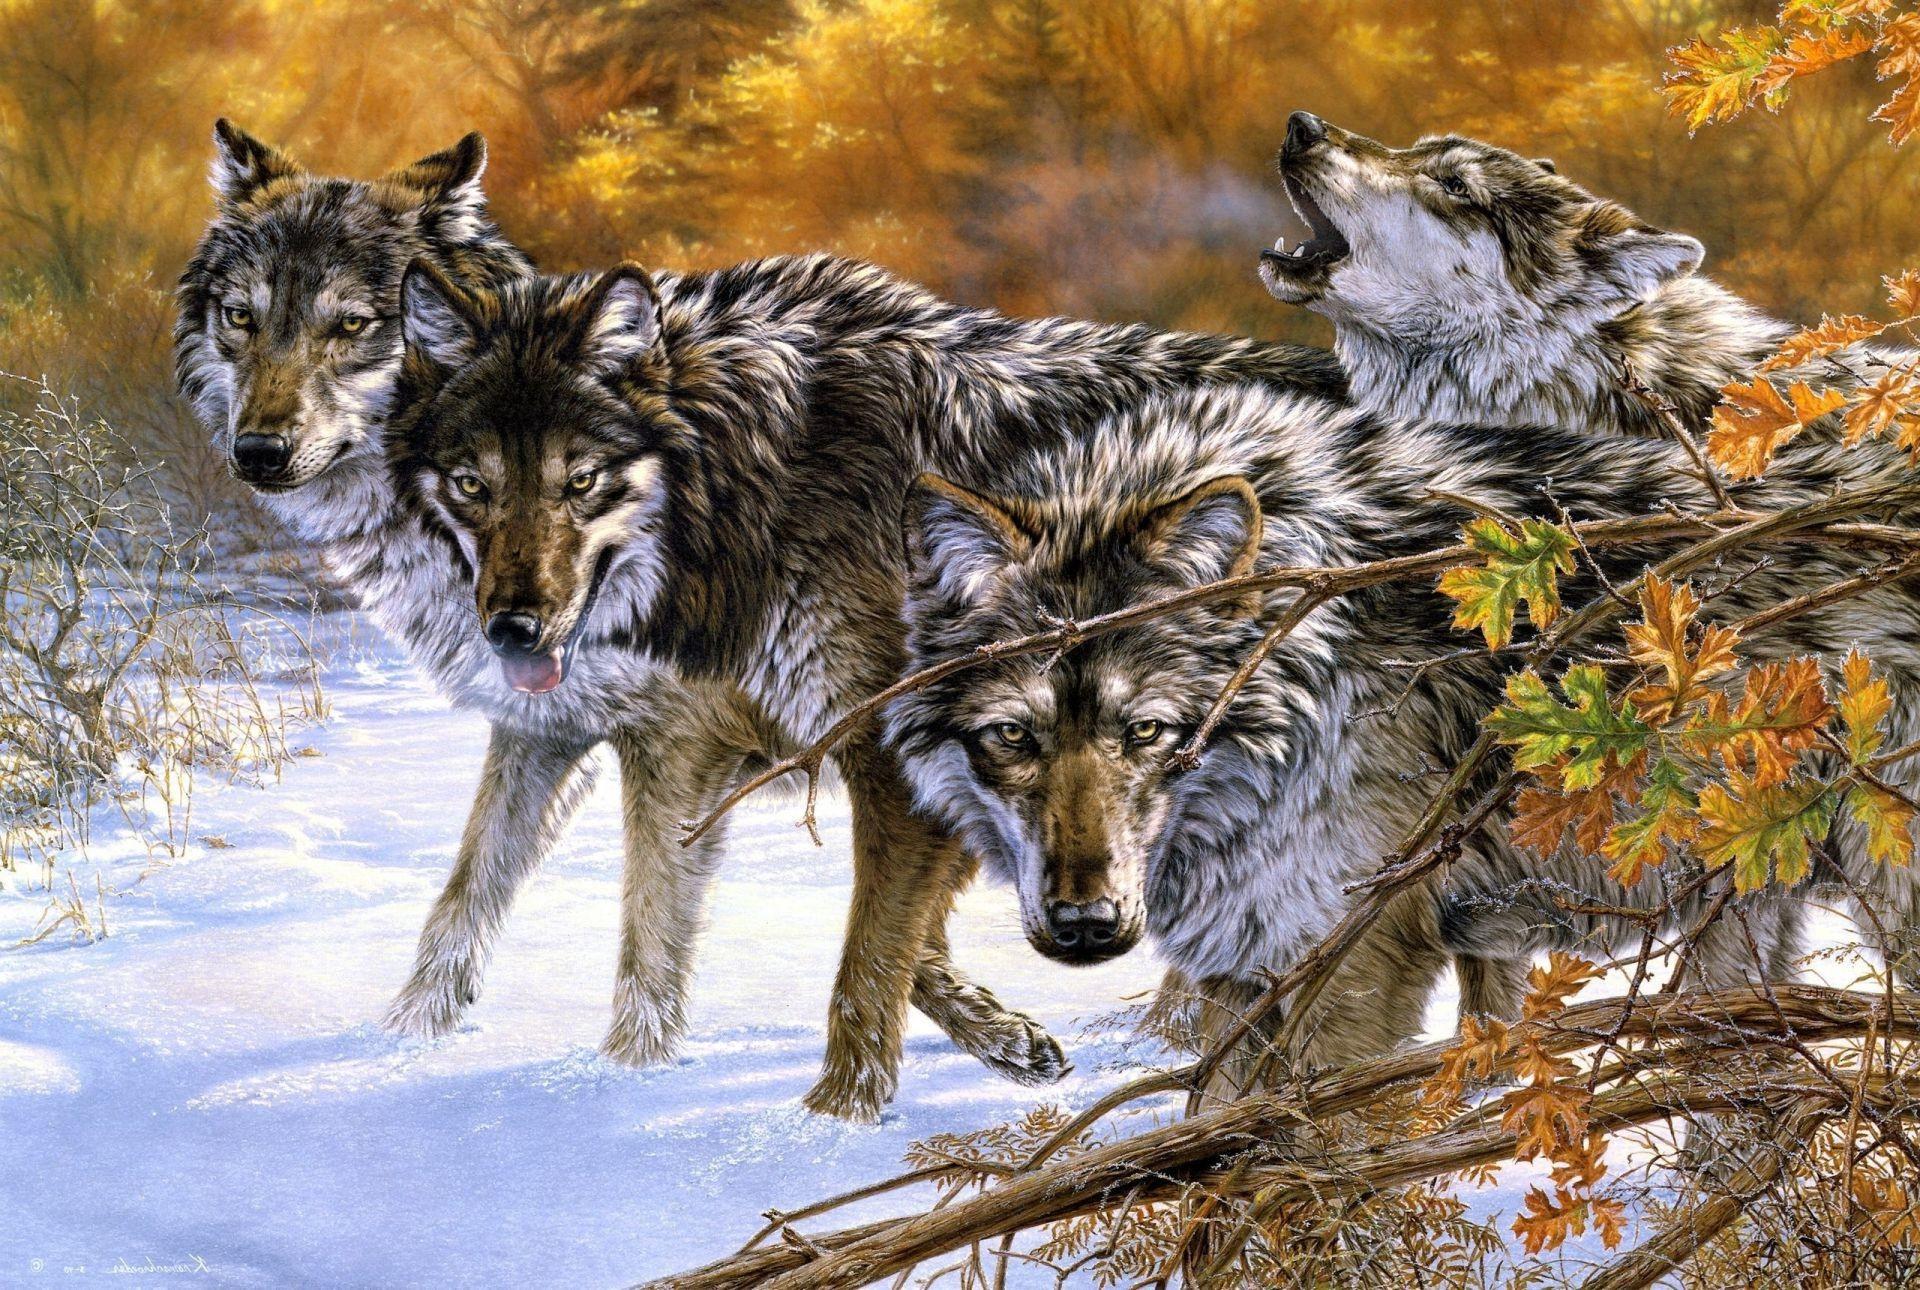 Обои на телефон дикие животные волки